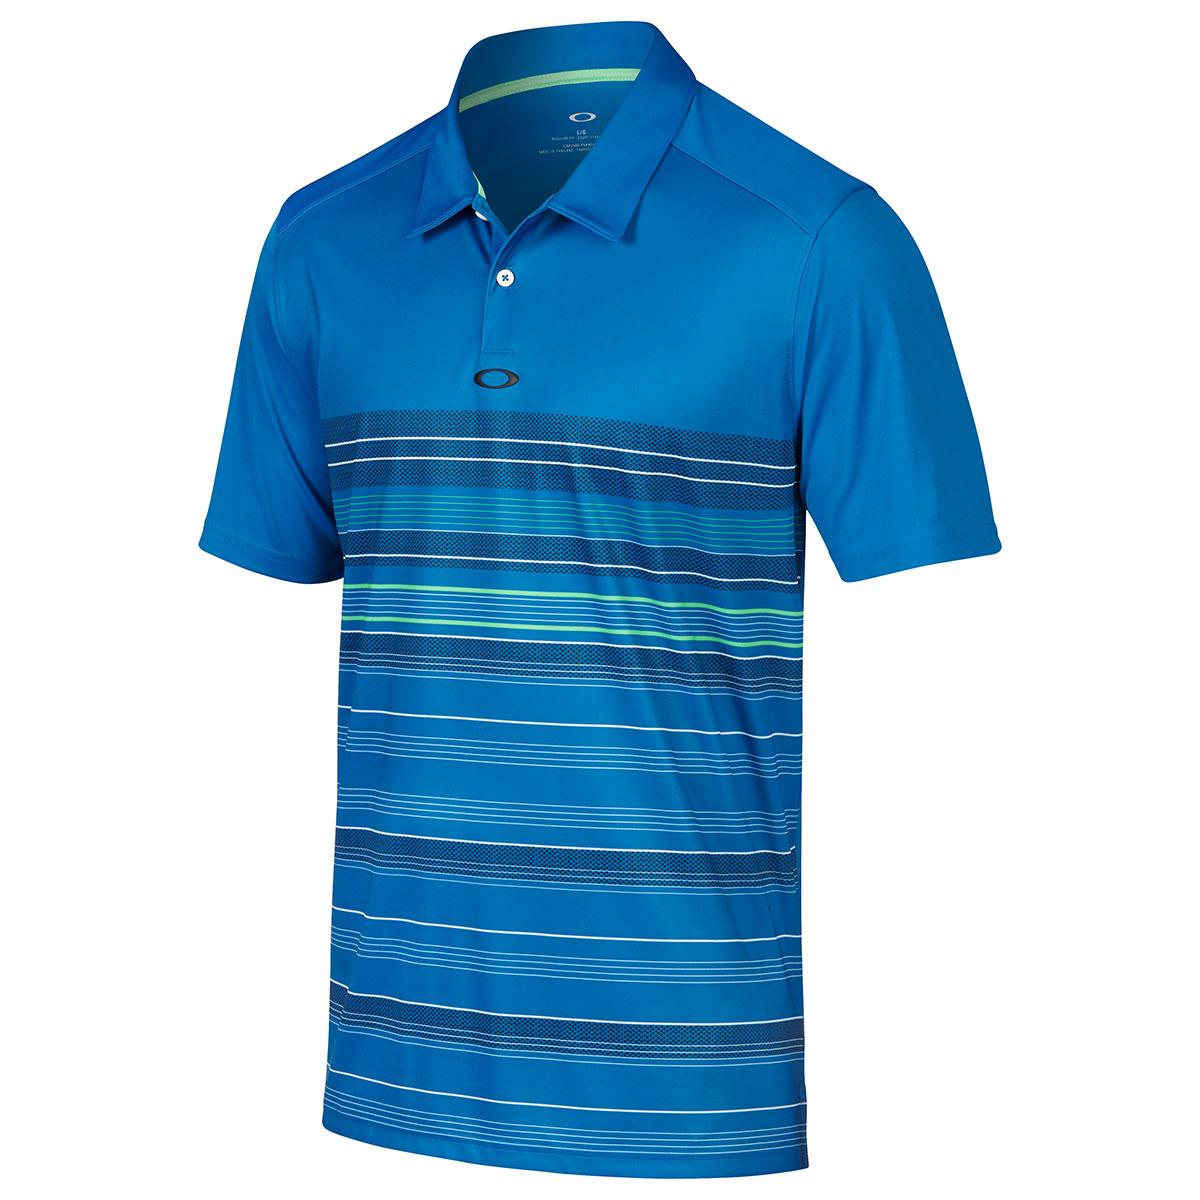 Oakley Golf 2017 Mens High Crest Golf Polo Shirt Top